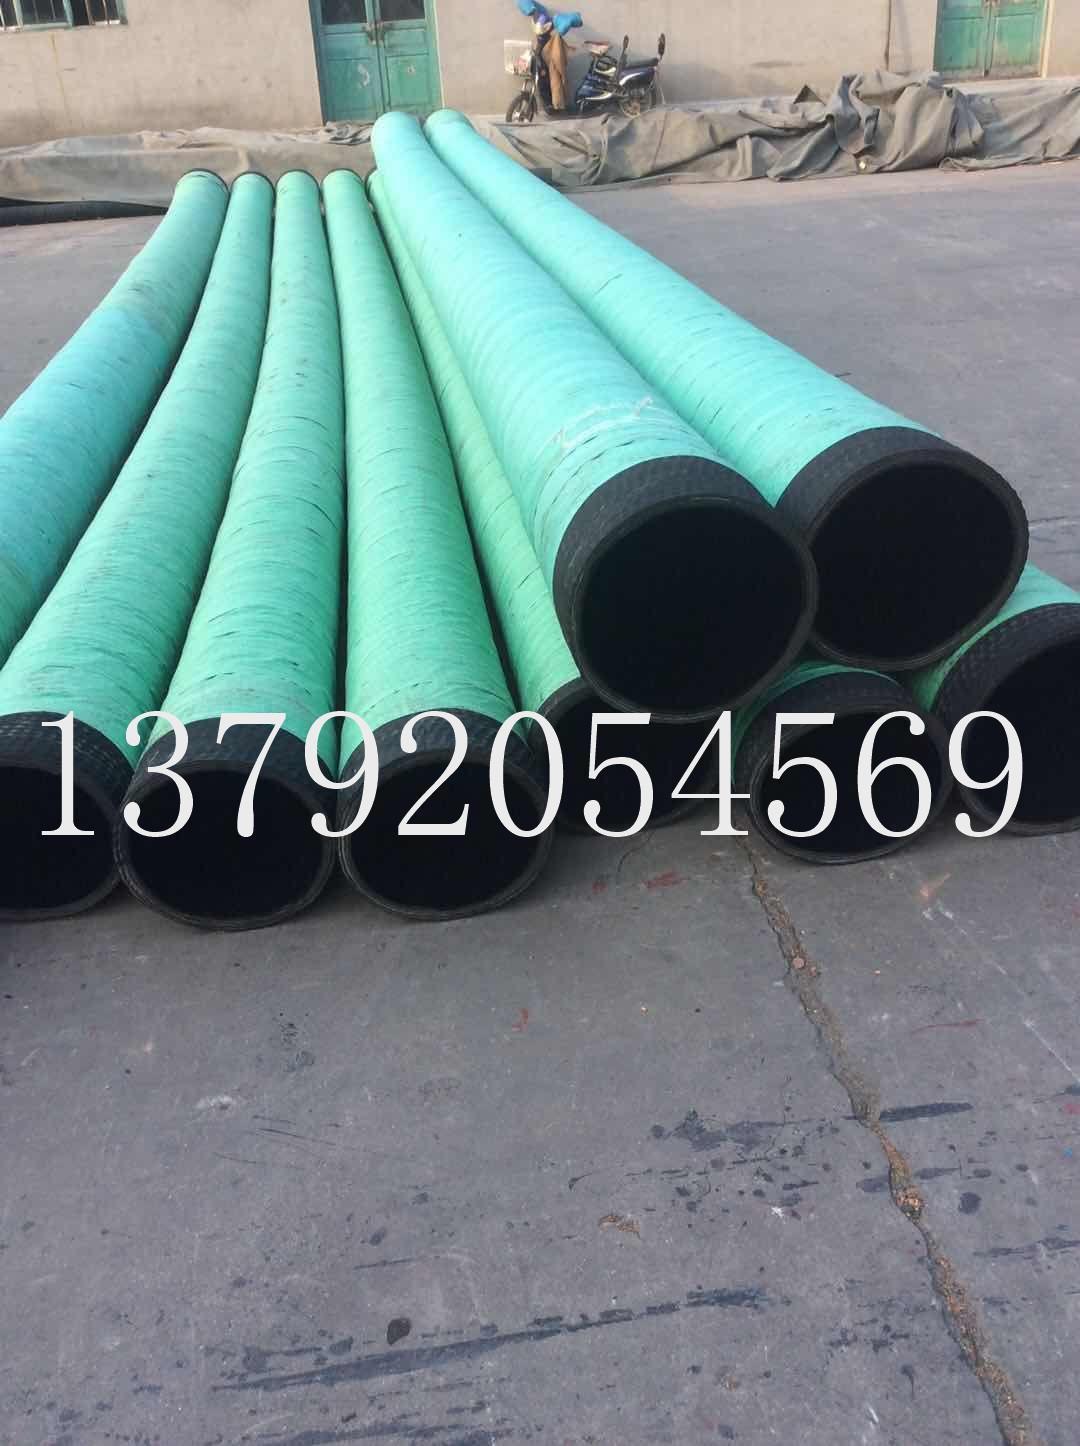 16寸疏浚抗旱專用吸水抽沙橡膠鋼絲管 4